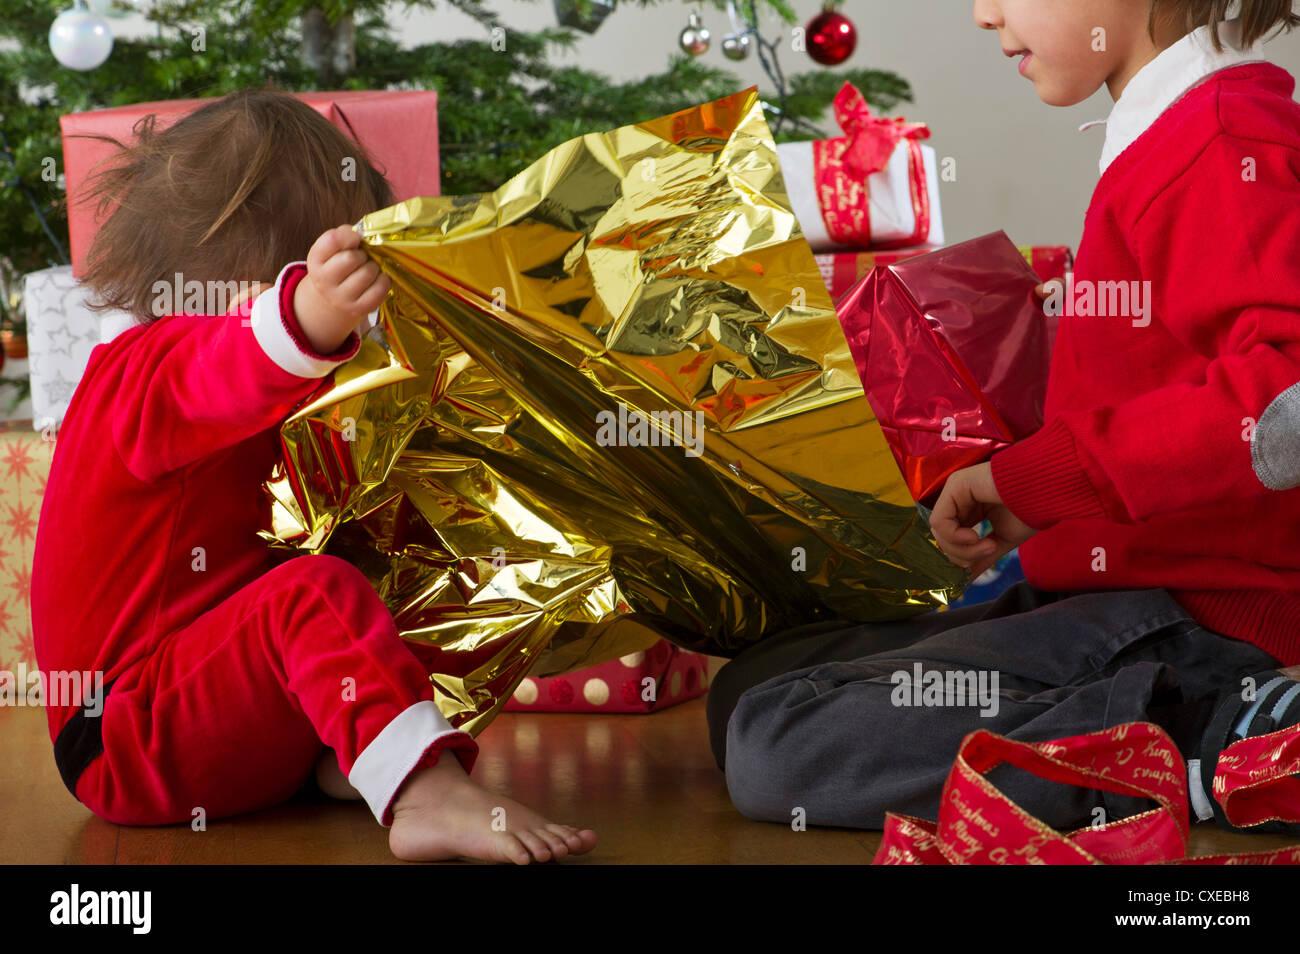 Junger Bruder und Schwester zusammen Weihnachtsgeschenke zu öffnen ...